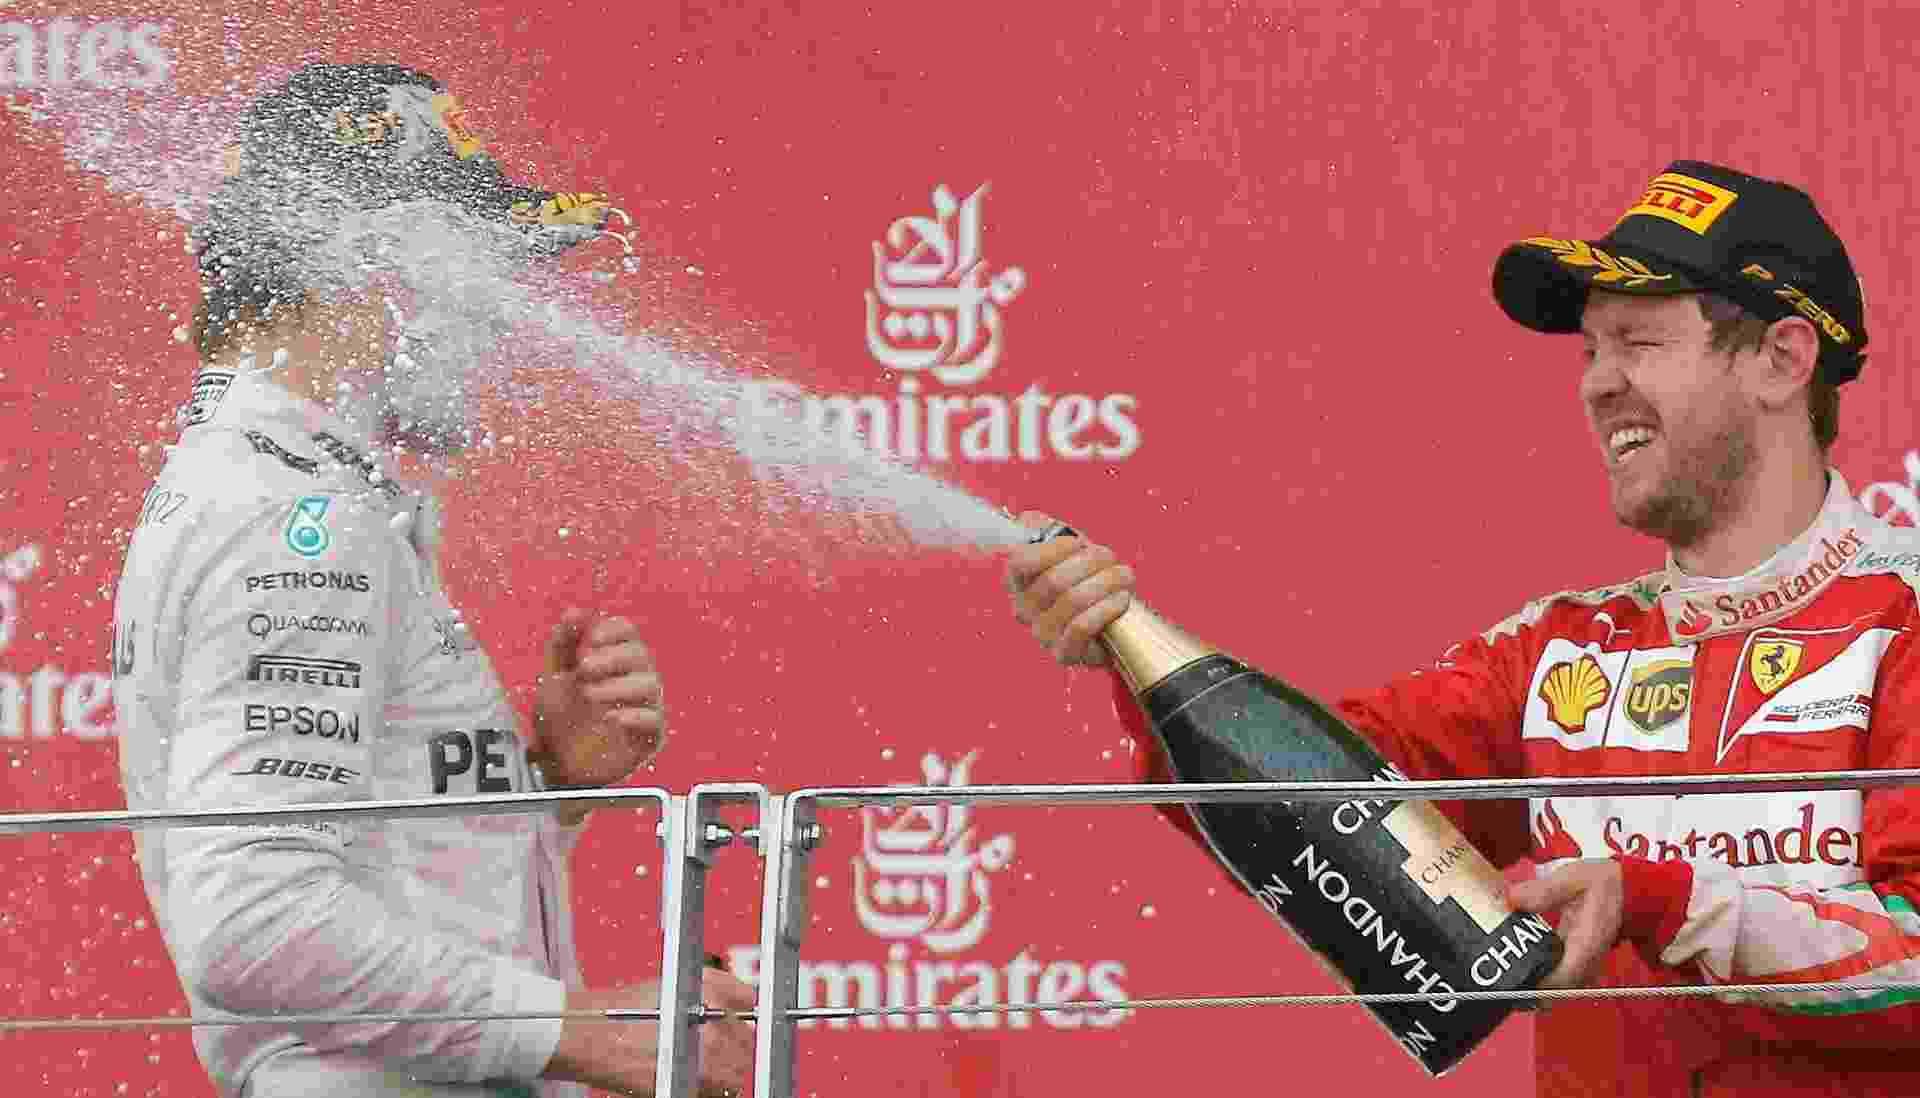 Vettel dá banho de champanhe em Rosberg depois da vitória - REUTERS/Maxim Shemetov